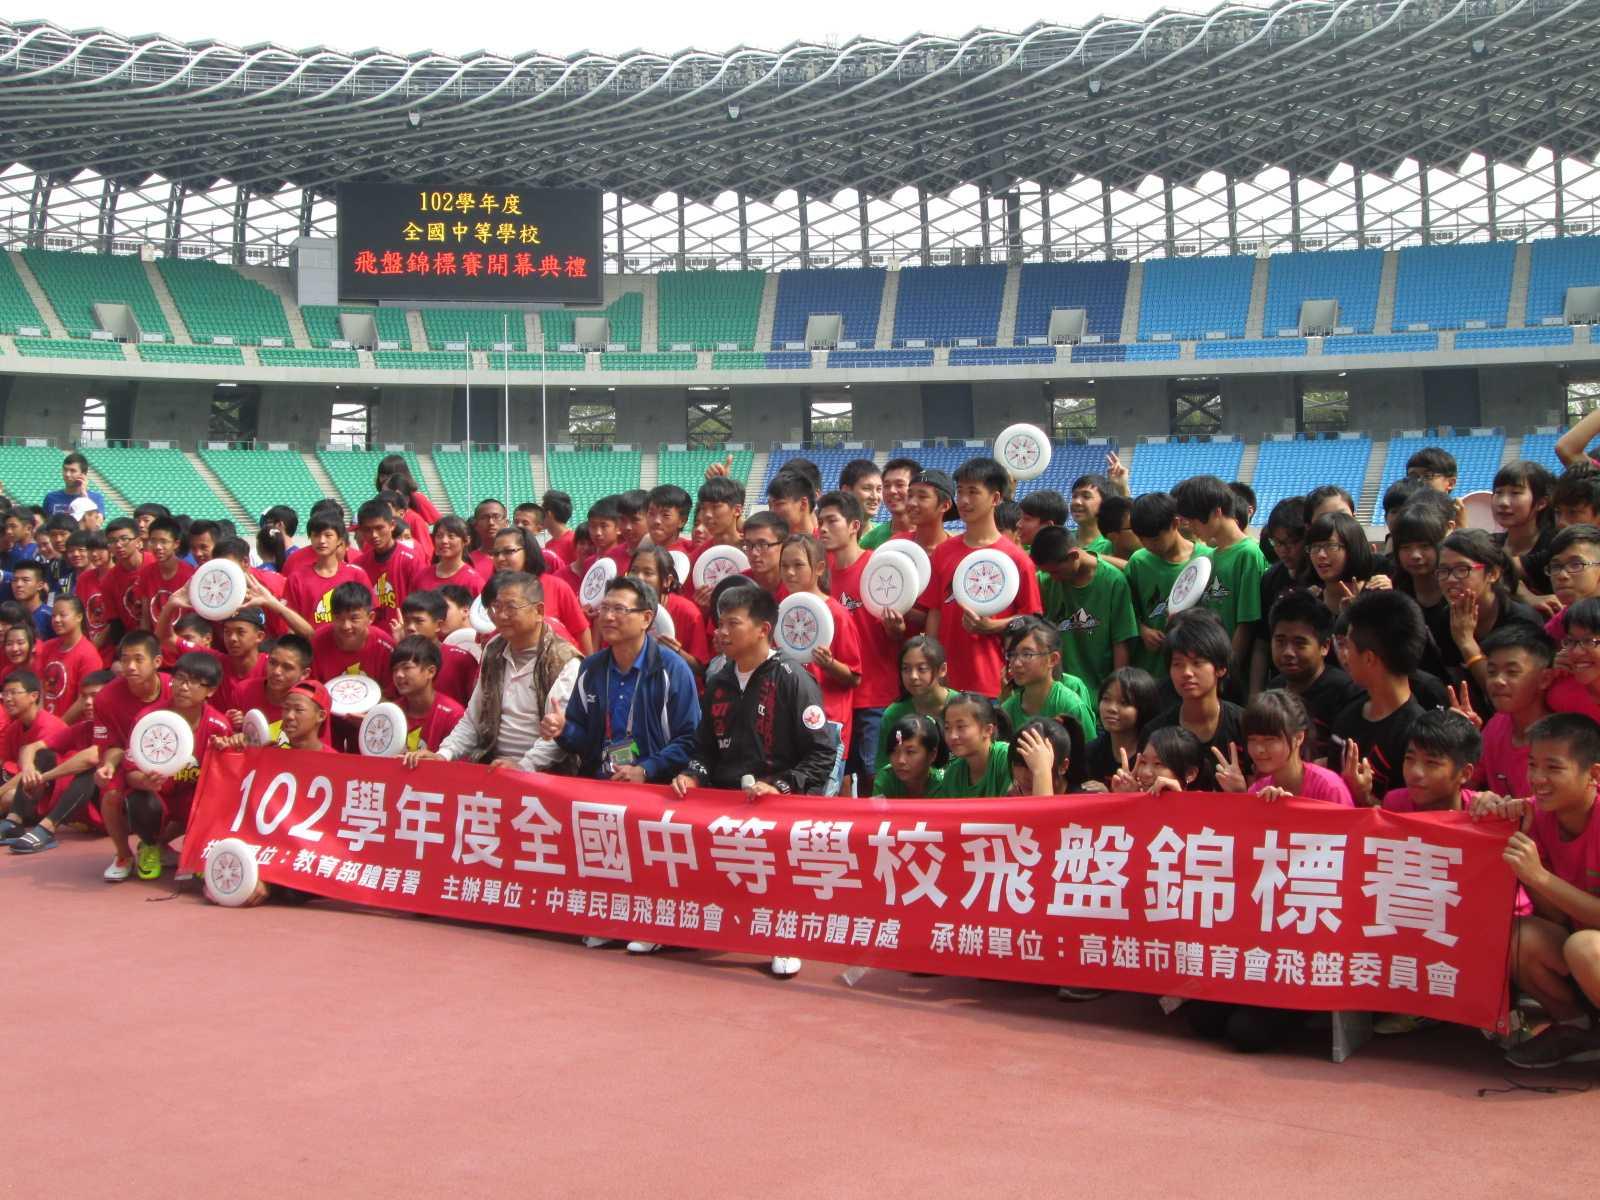 102年全國中等學校飛盤錦標賽開幕